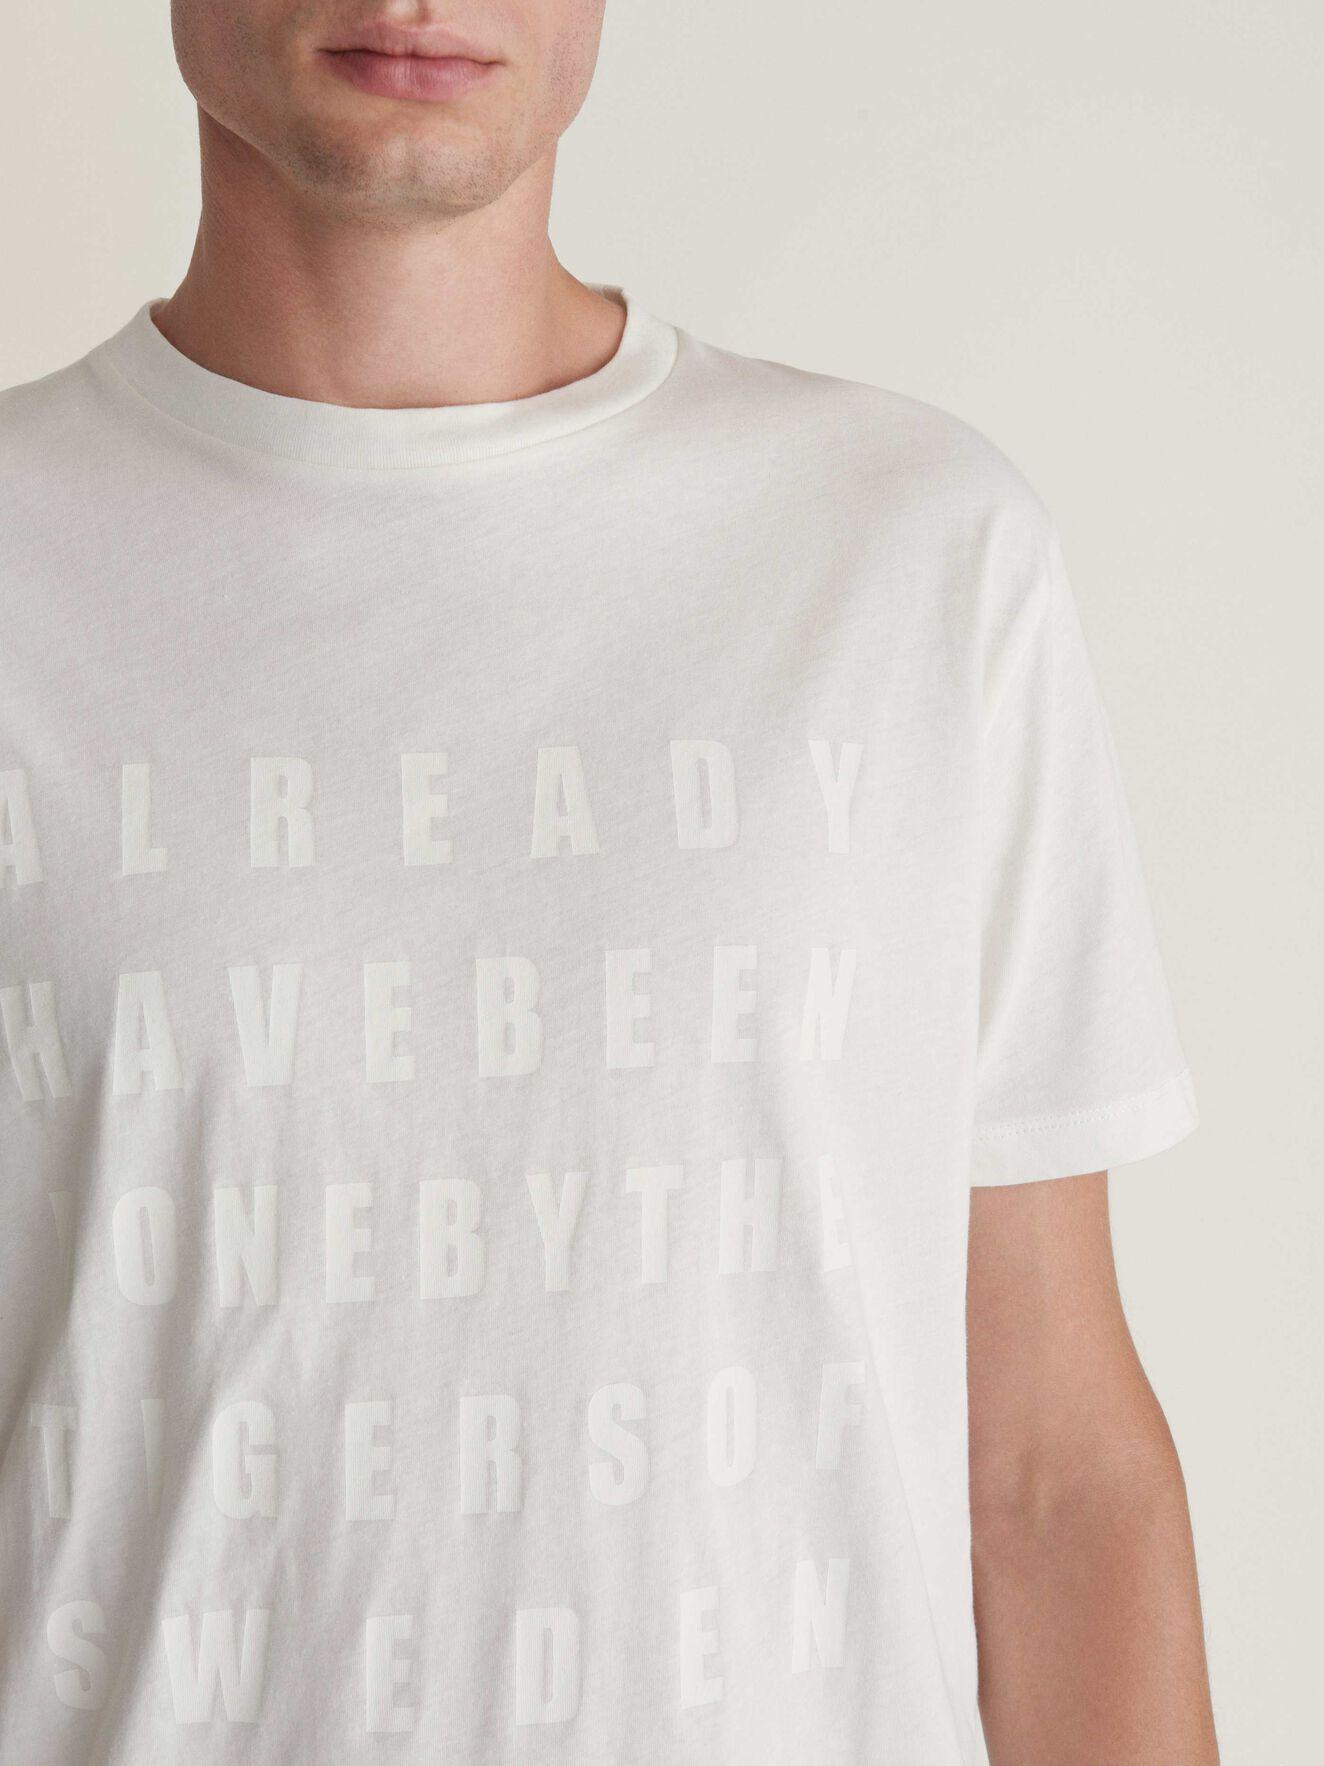 Fleek Pr T-Shirt in White Light from Tiger of Sweden